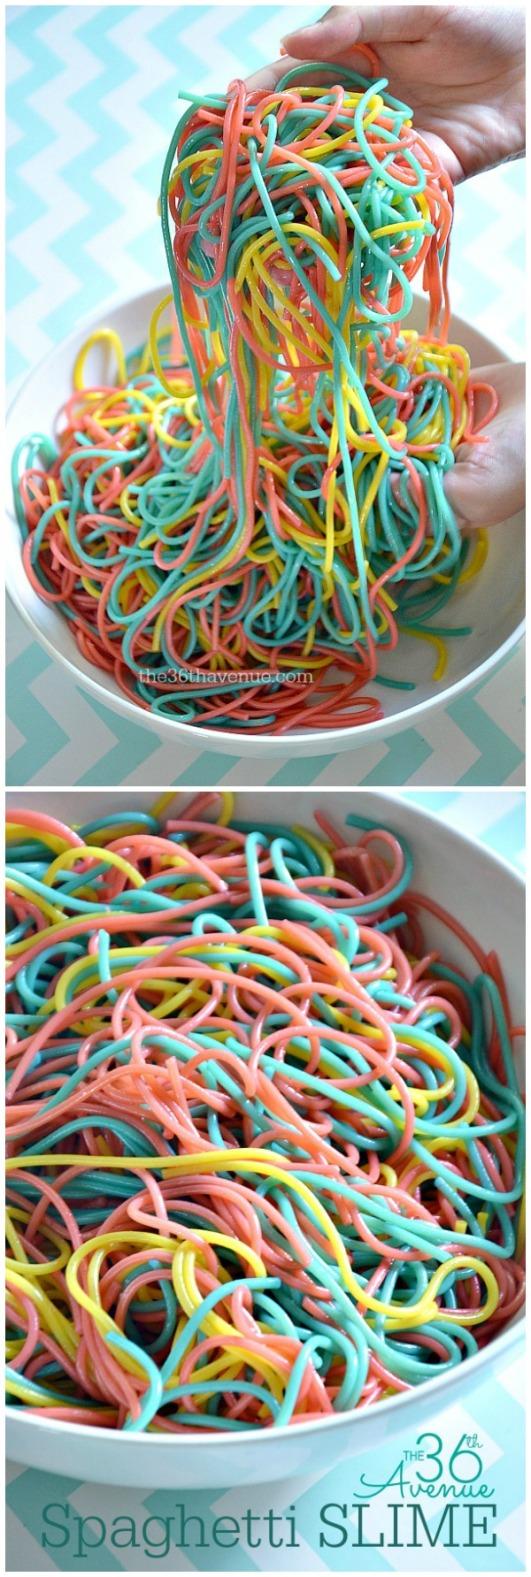 How-to-make-Spaghetti-Slime.jpg